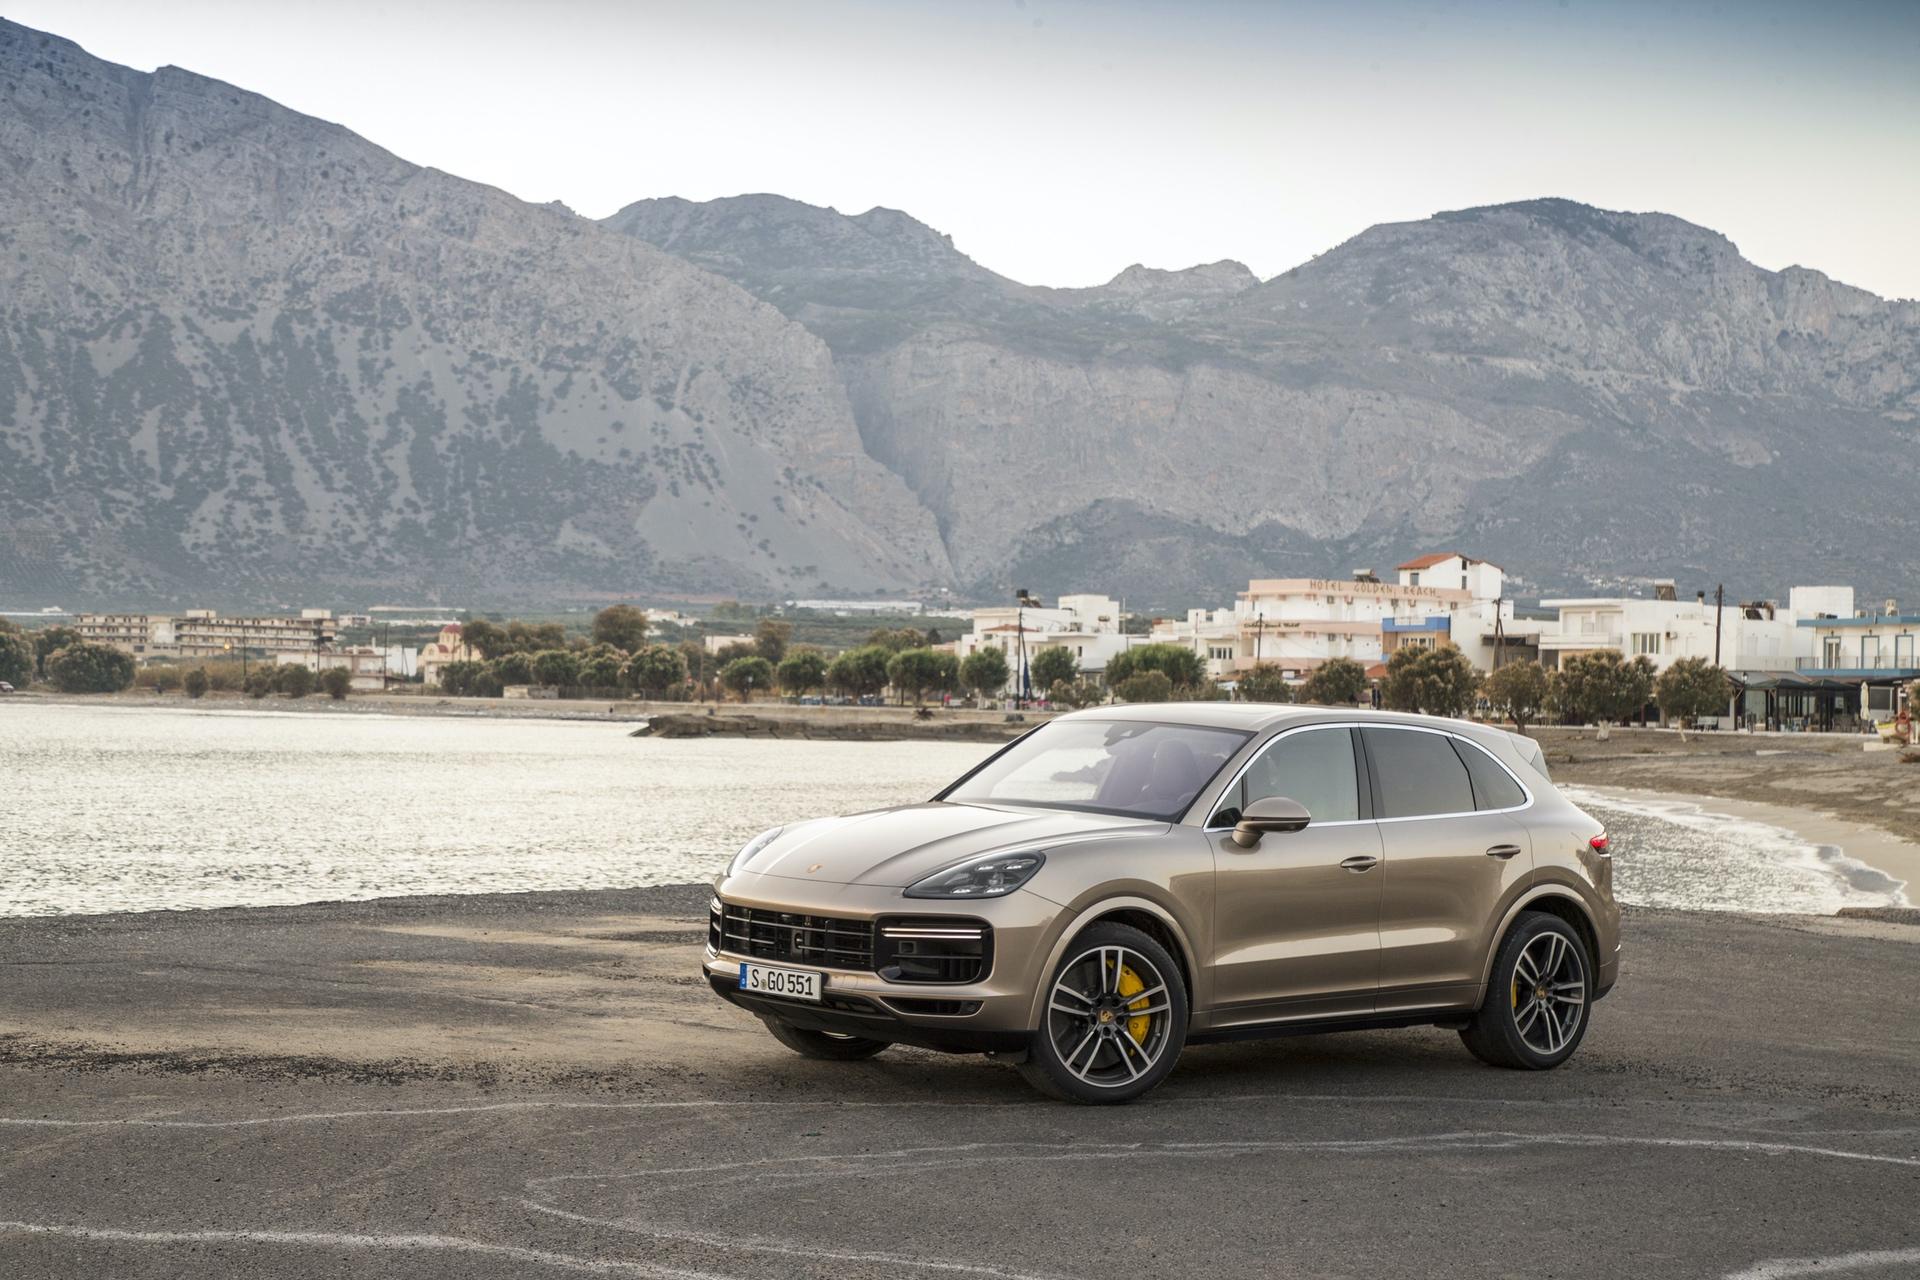 Test_Drive_Porsche_Cayenne_87